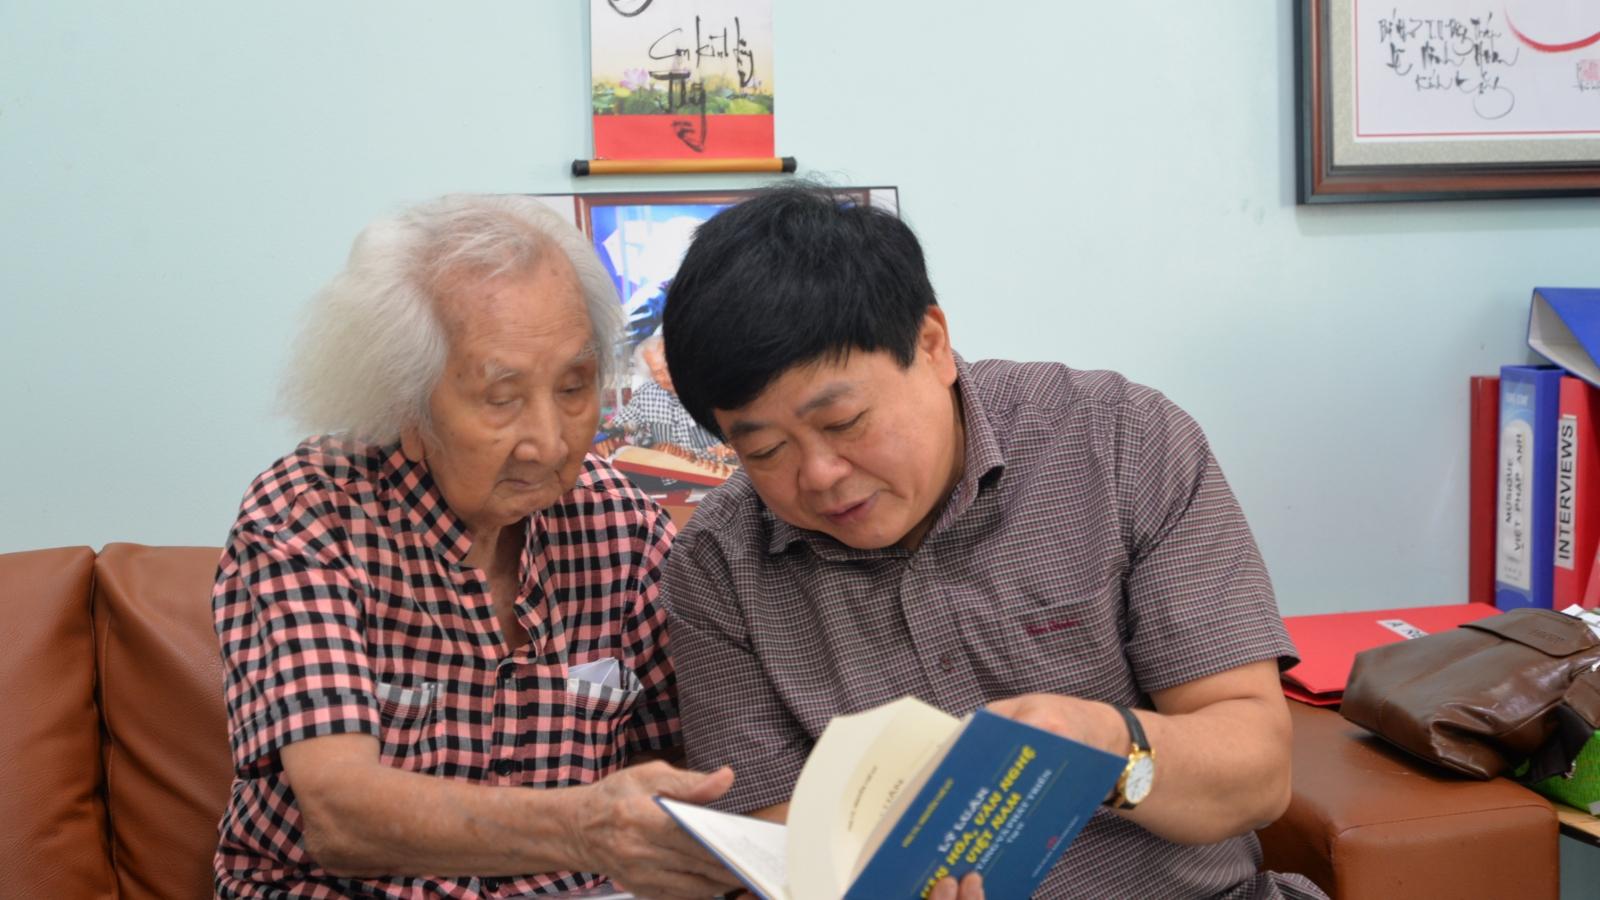 Tổng Giám đốc VOV Nguyễn Thế Kỷ thăm nhạc sư Nguyễn Vĩnh Bảo